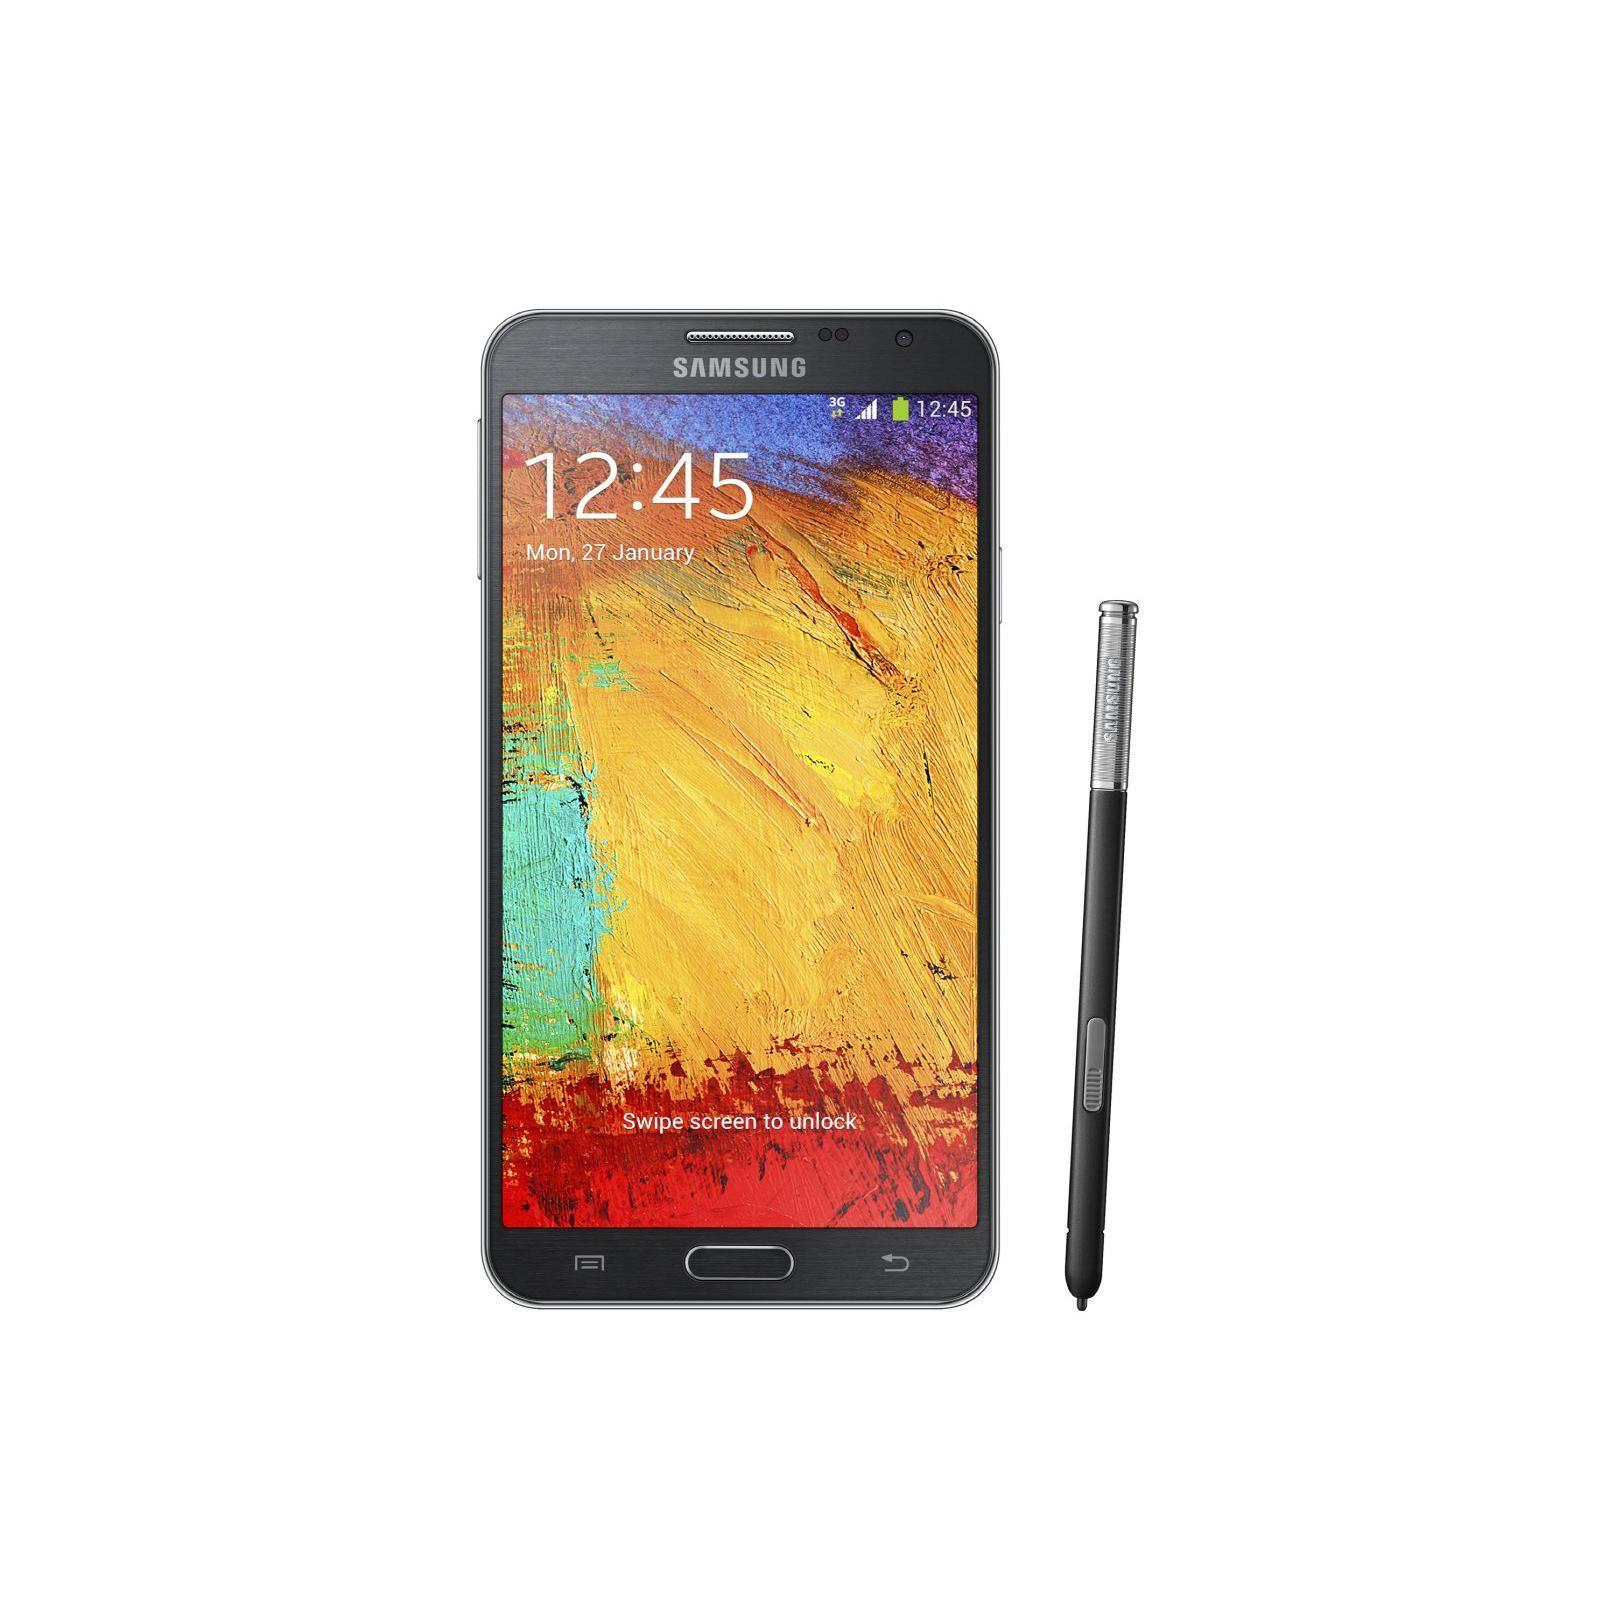 Galaxy Note 3 32GB Black Sprint (Refurbished) Galaxy